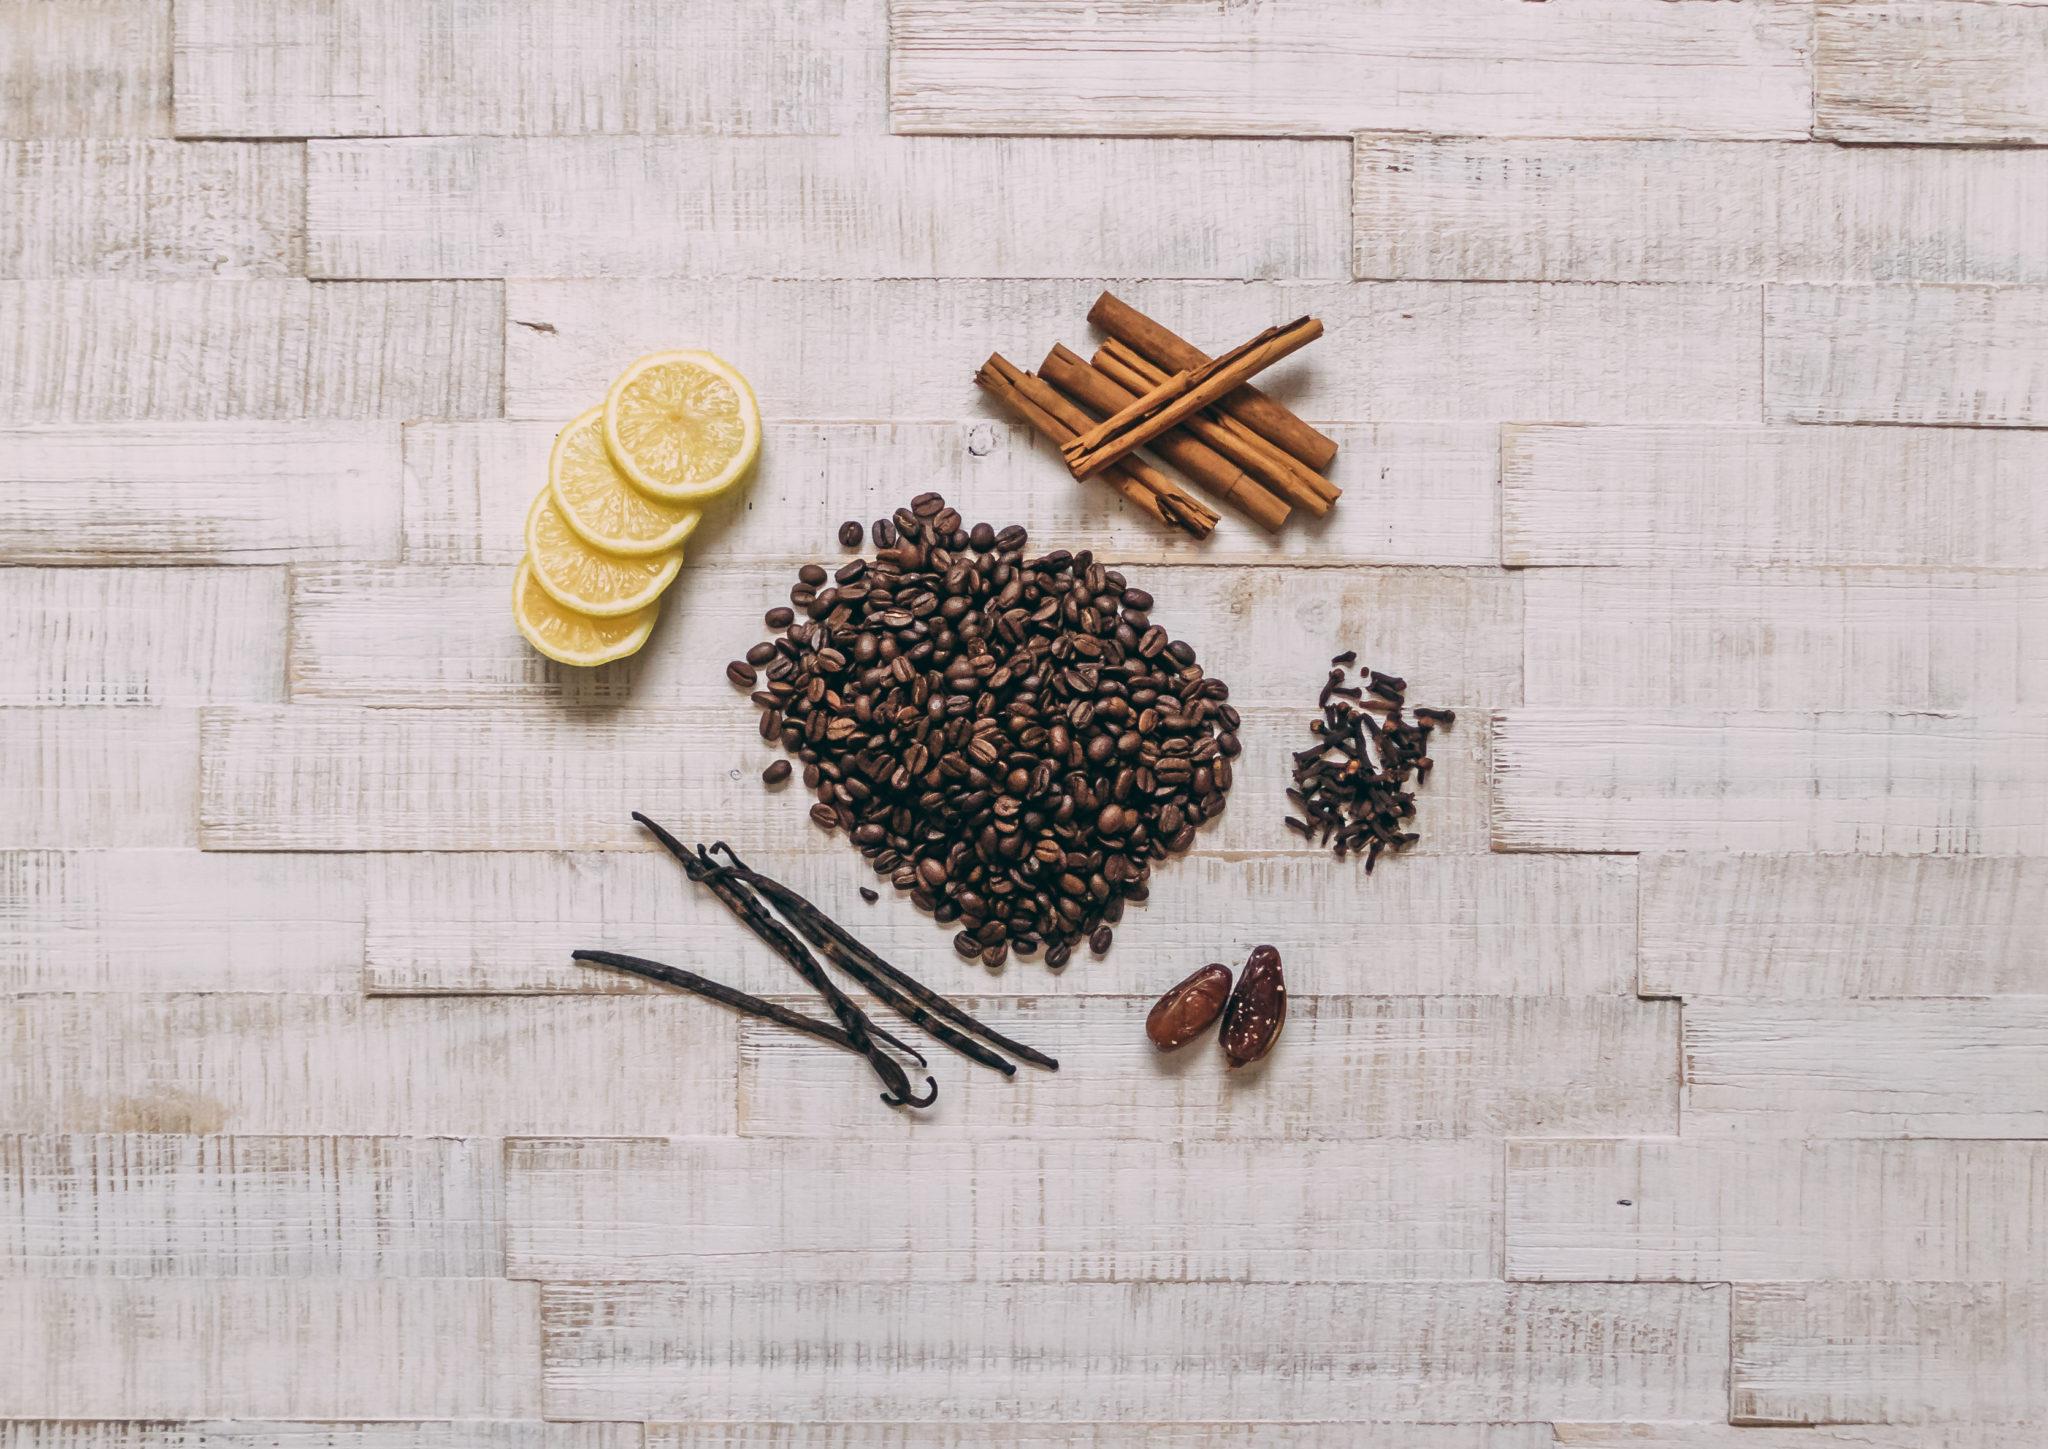 Cold Brew Coffees – Fünf Eiskalt-Wach-Inspirationen